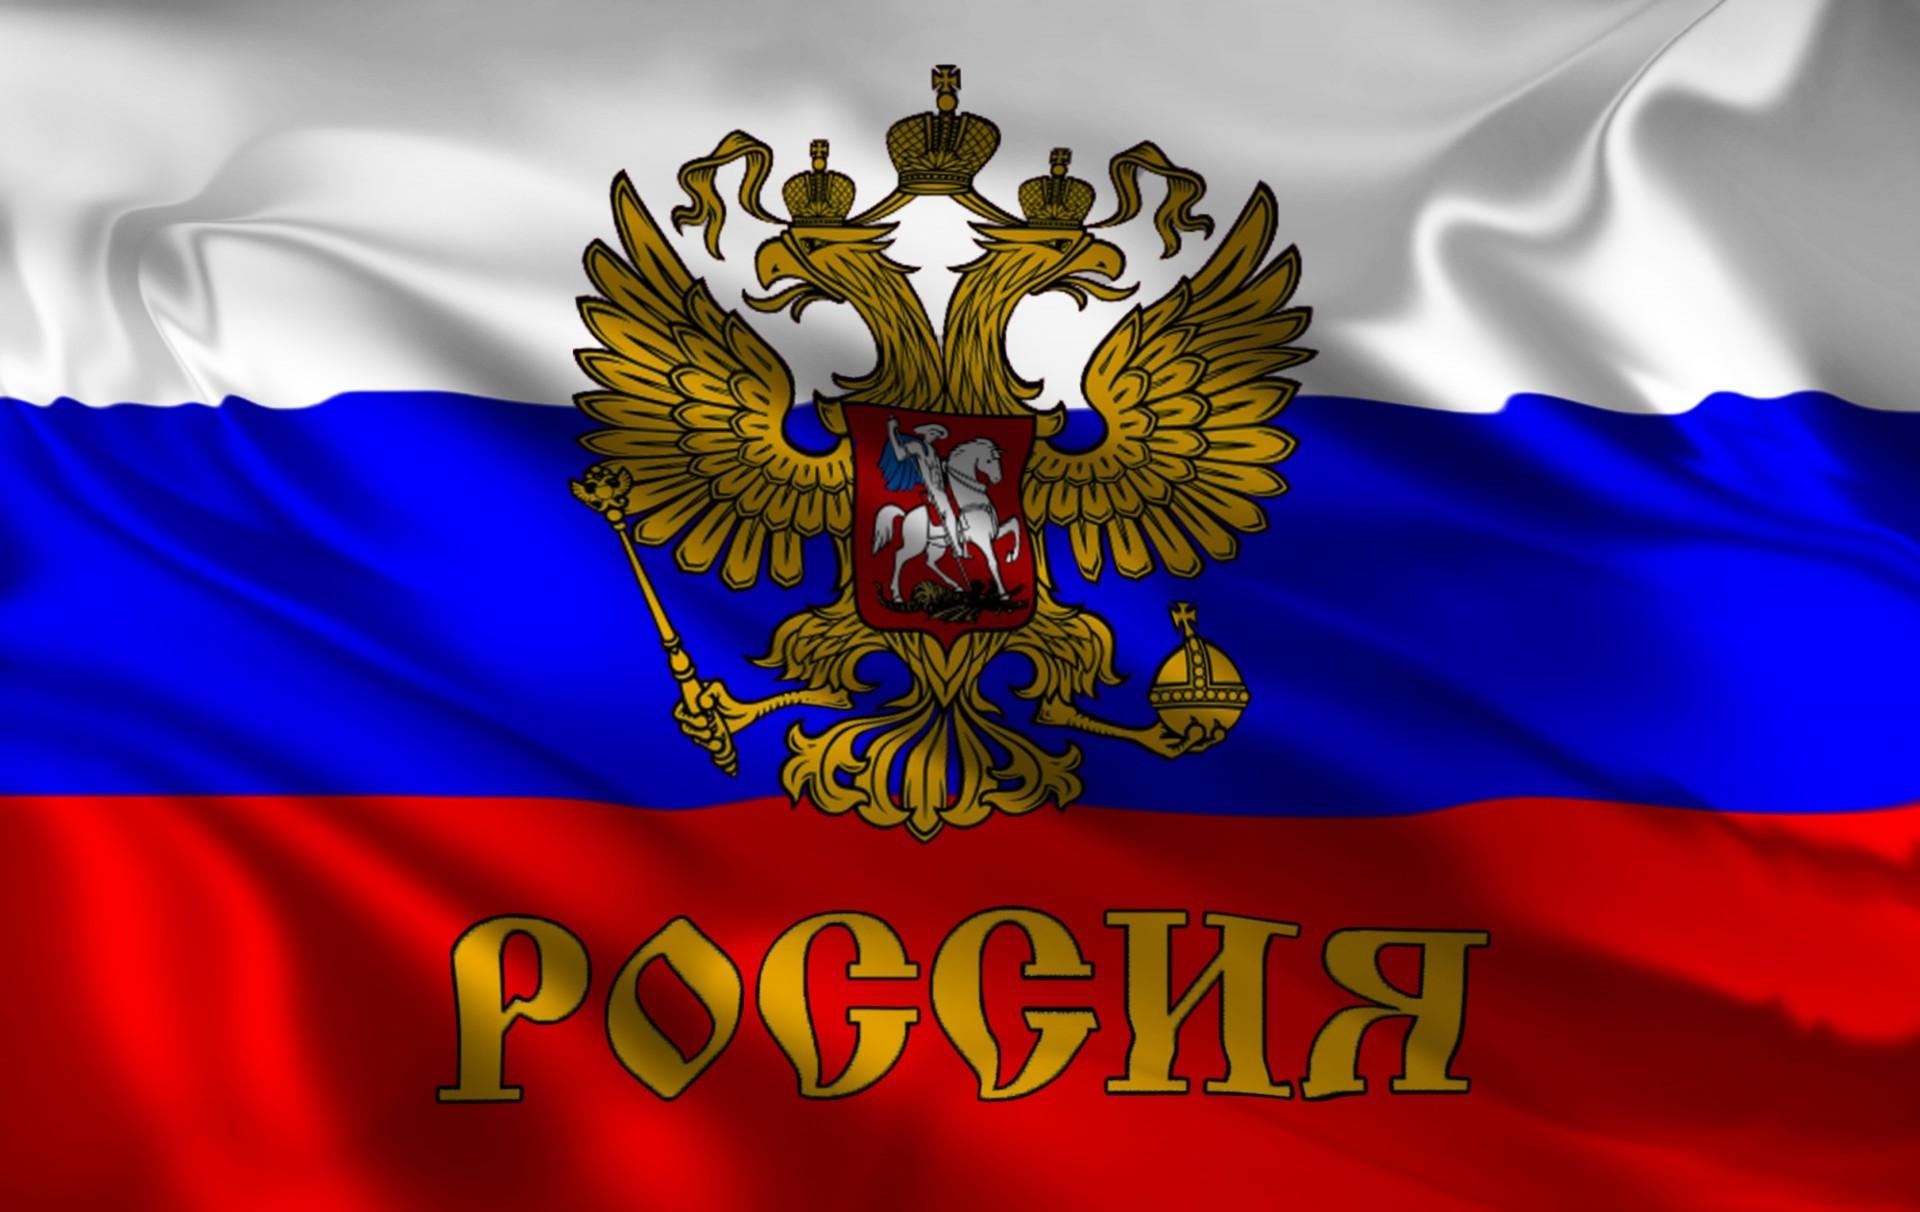 Флаг России. Слава России! - обои на телефон бесплатно.